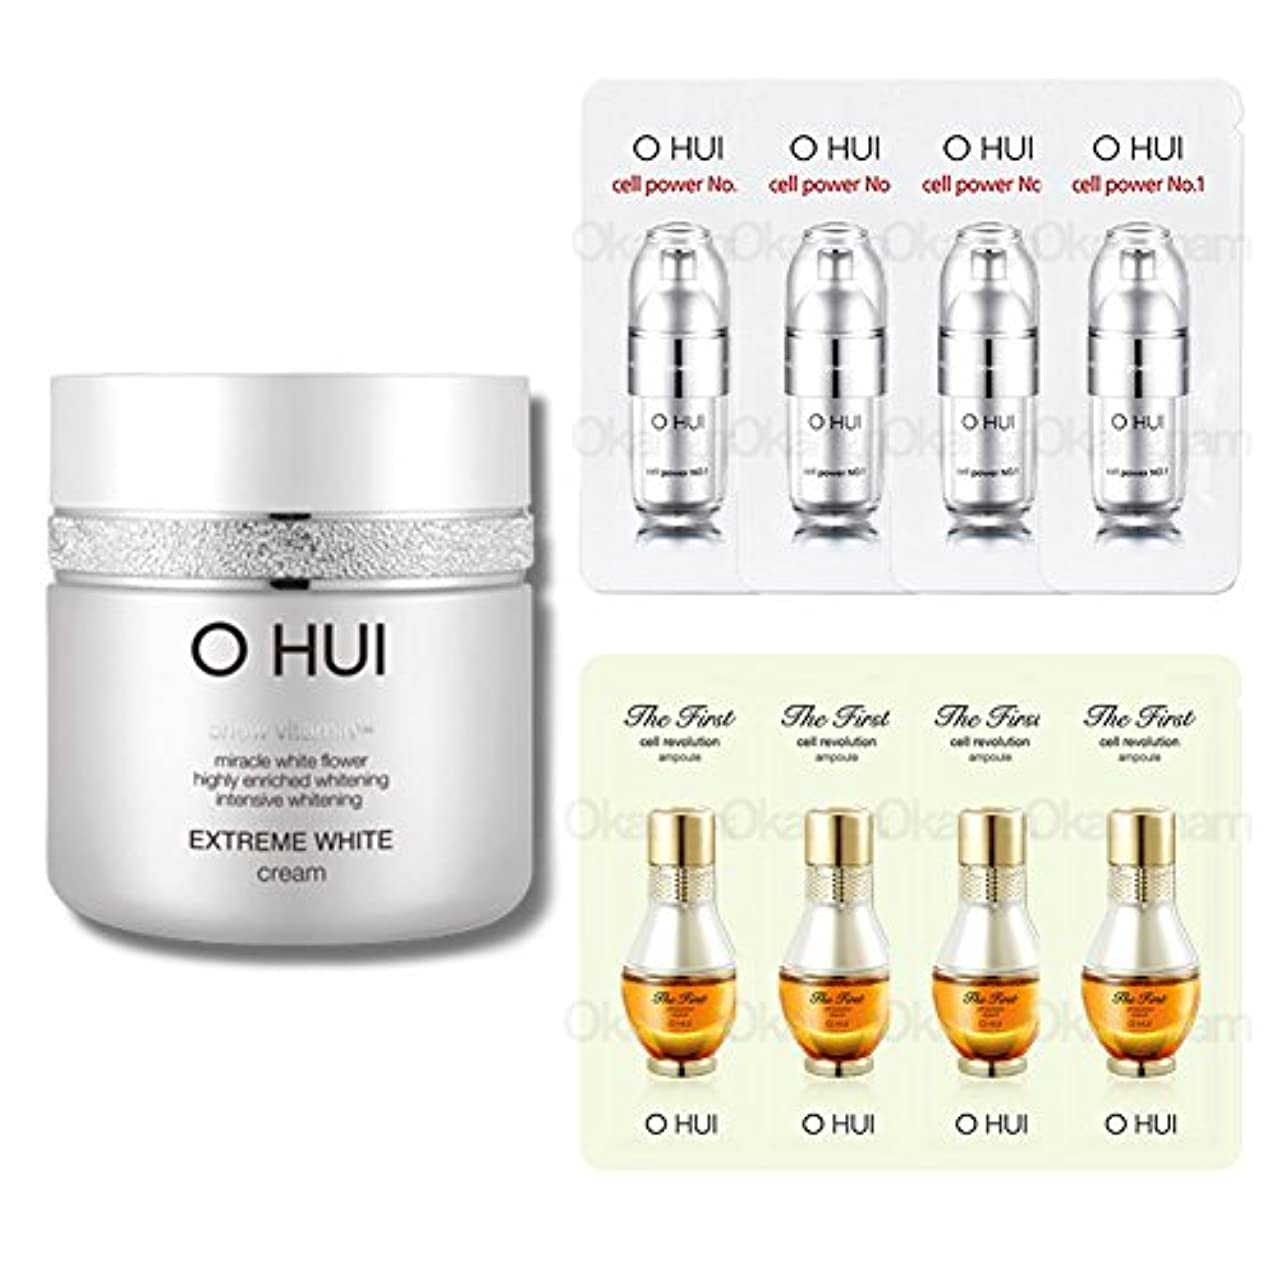 幻滅うっかりコインランドリー[オフィ/ O HUI]韓国化粧品 LG生活健康/ OHUI OEW04 EXTREME WHITE CREAM/オフィ エクストリーム ホワイトクリーム 50ml +[Sample Gift](海外直送品)